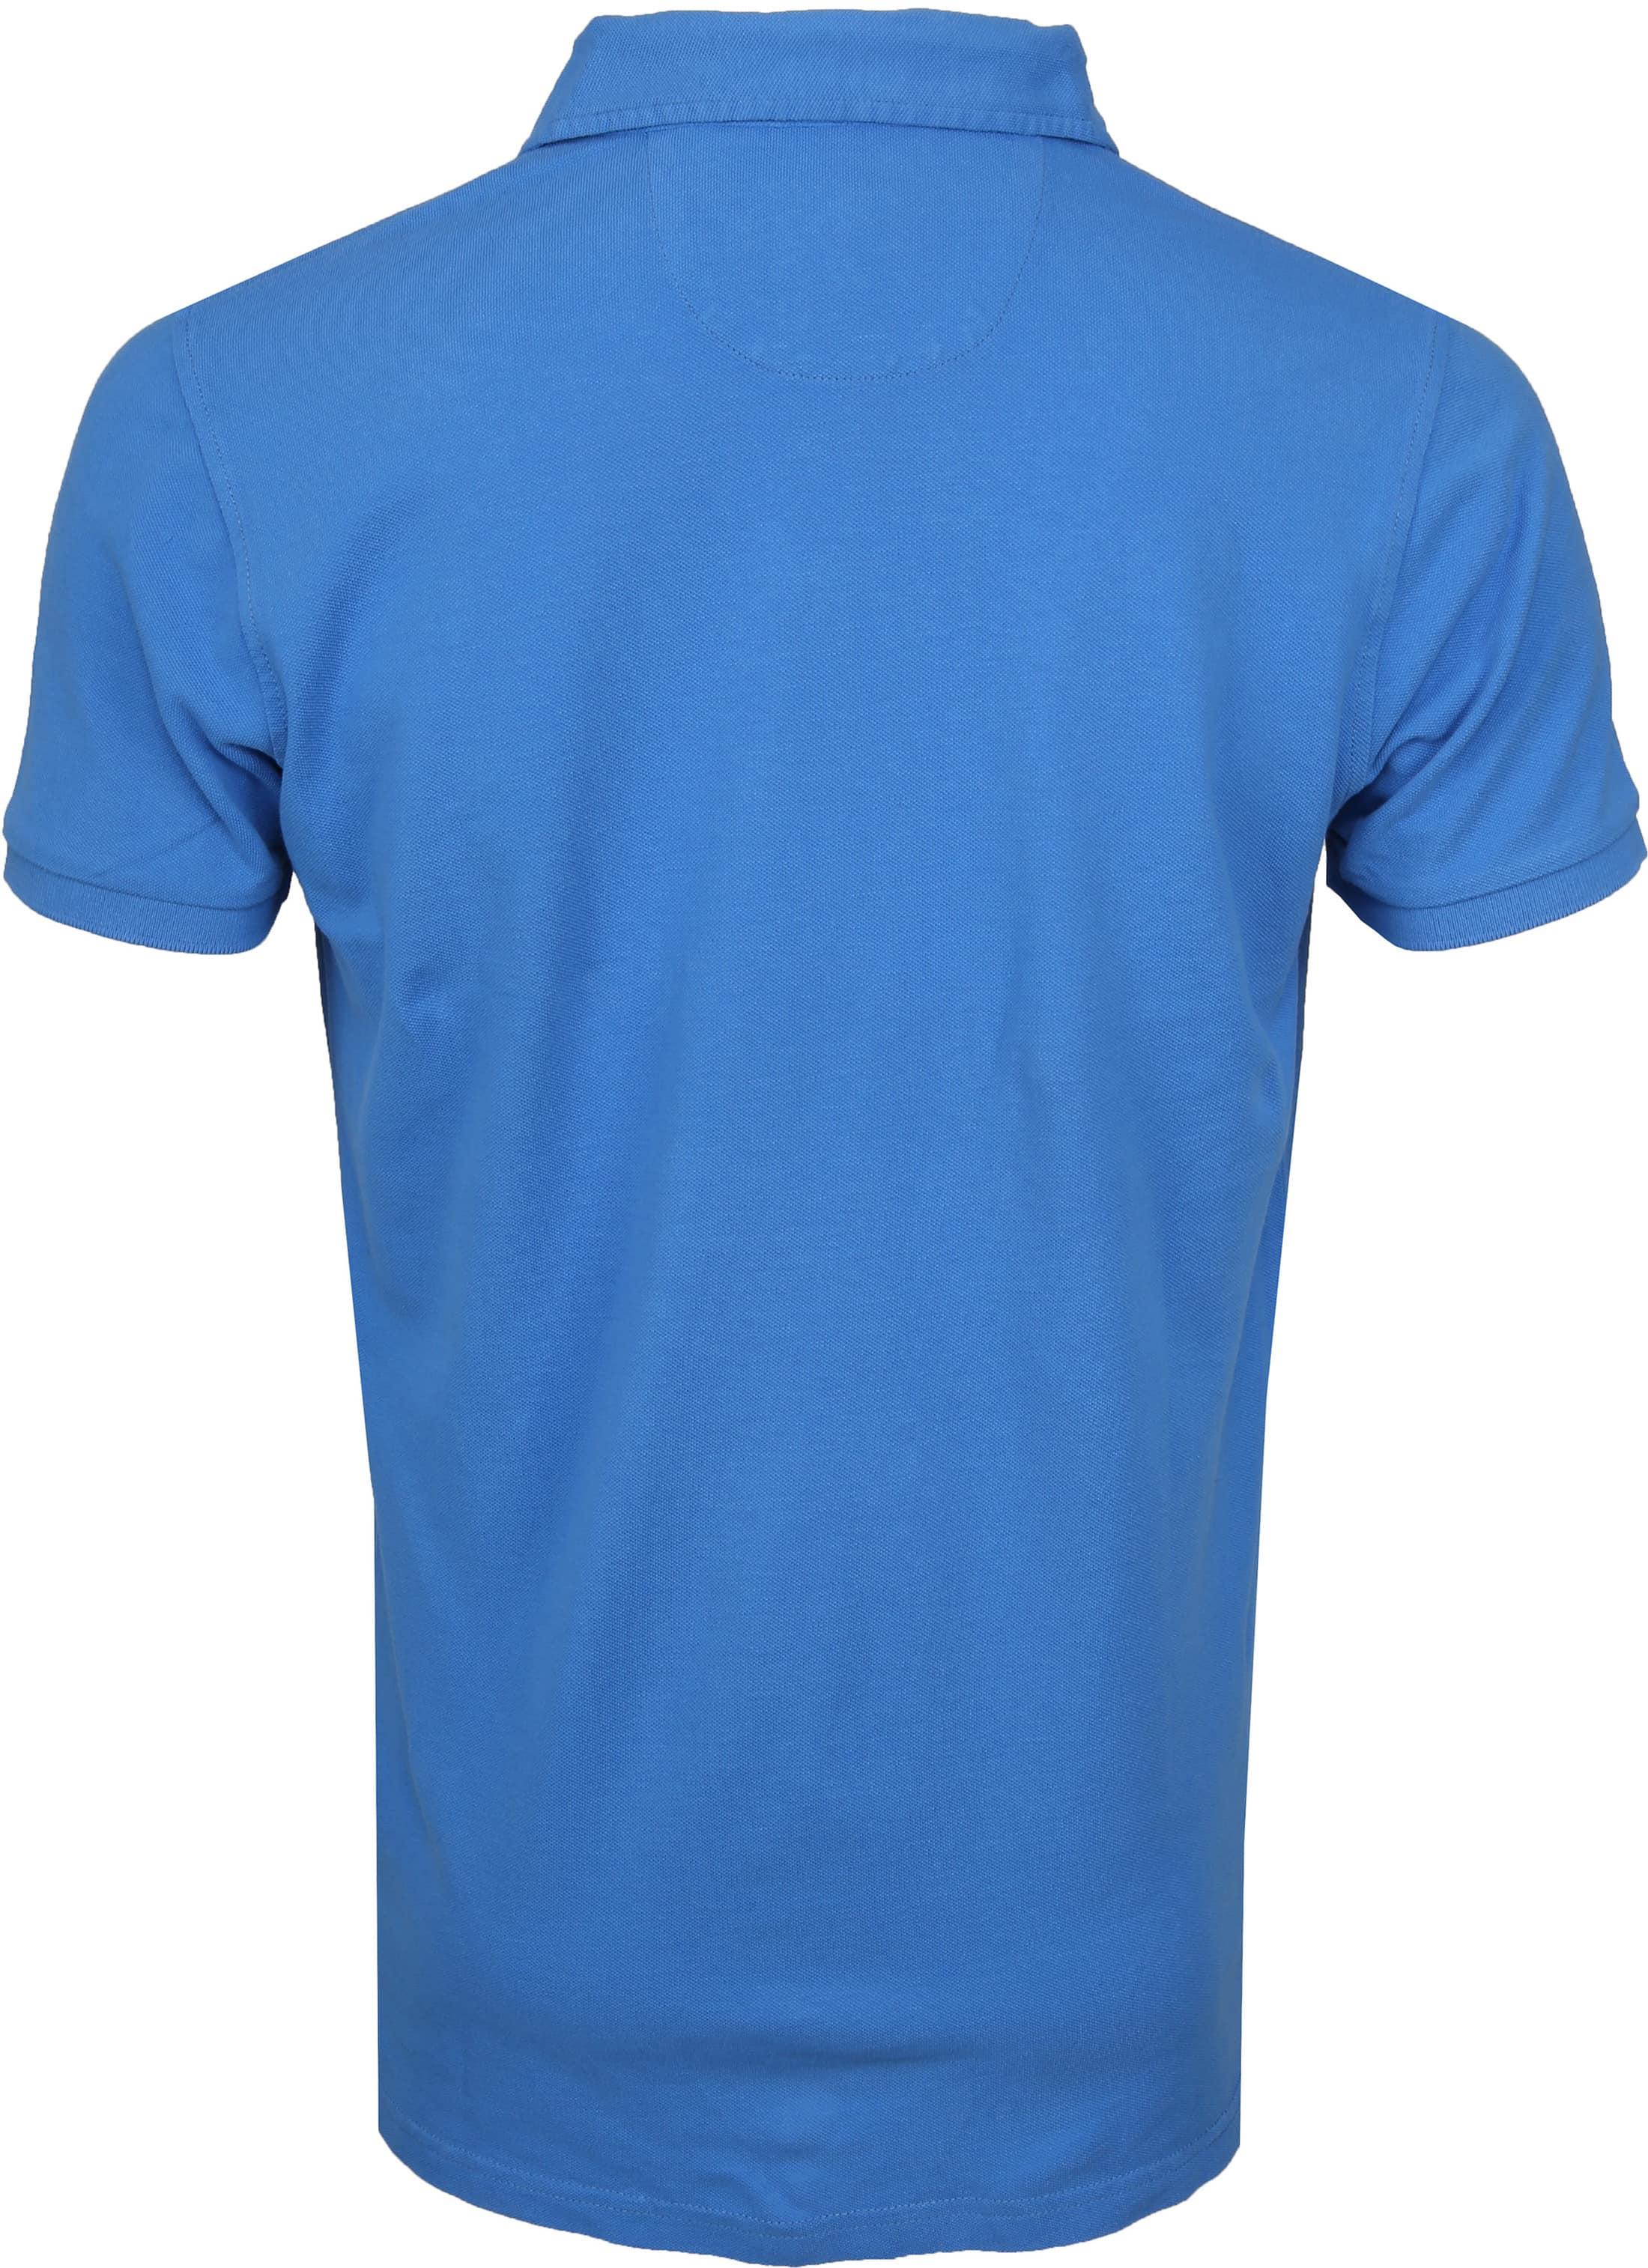 NZA Poloshirt Waiapu Blue foto 3